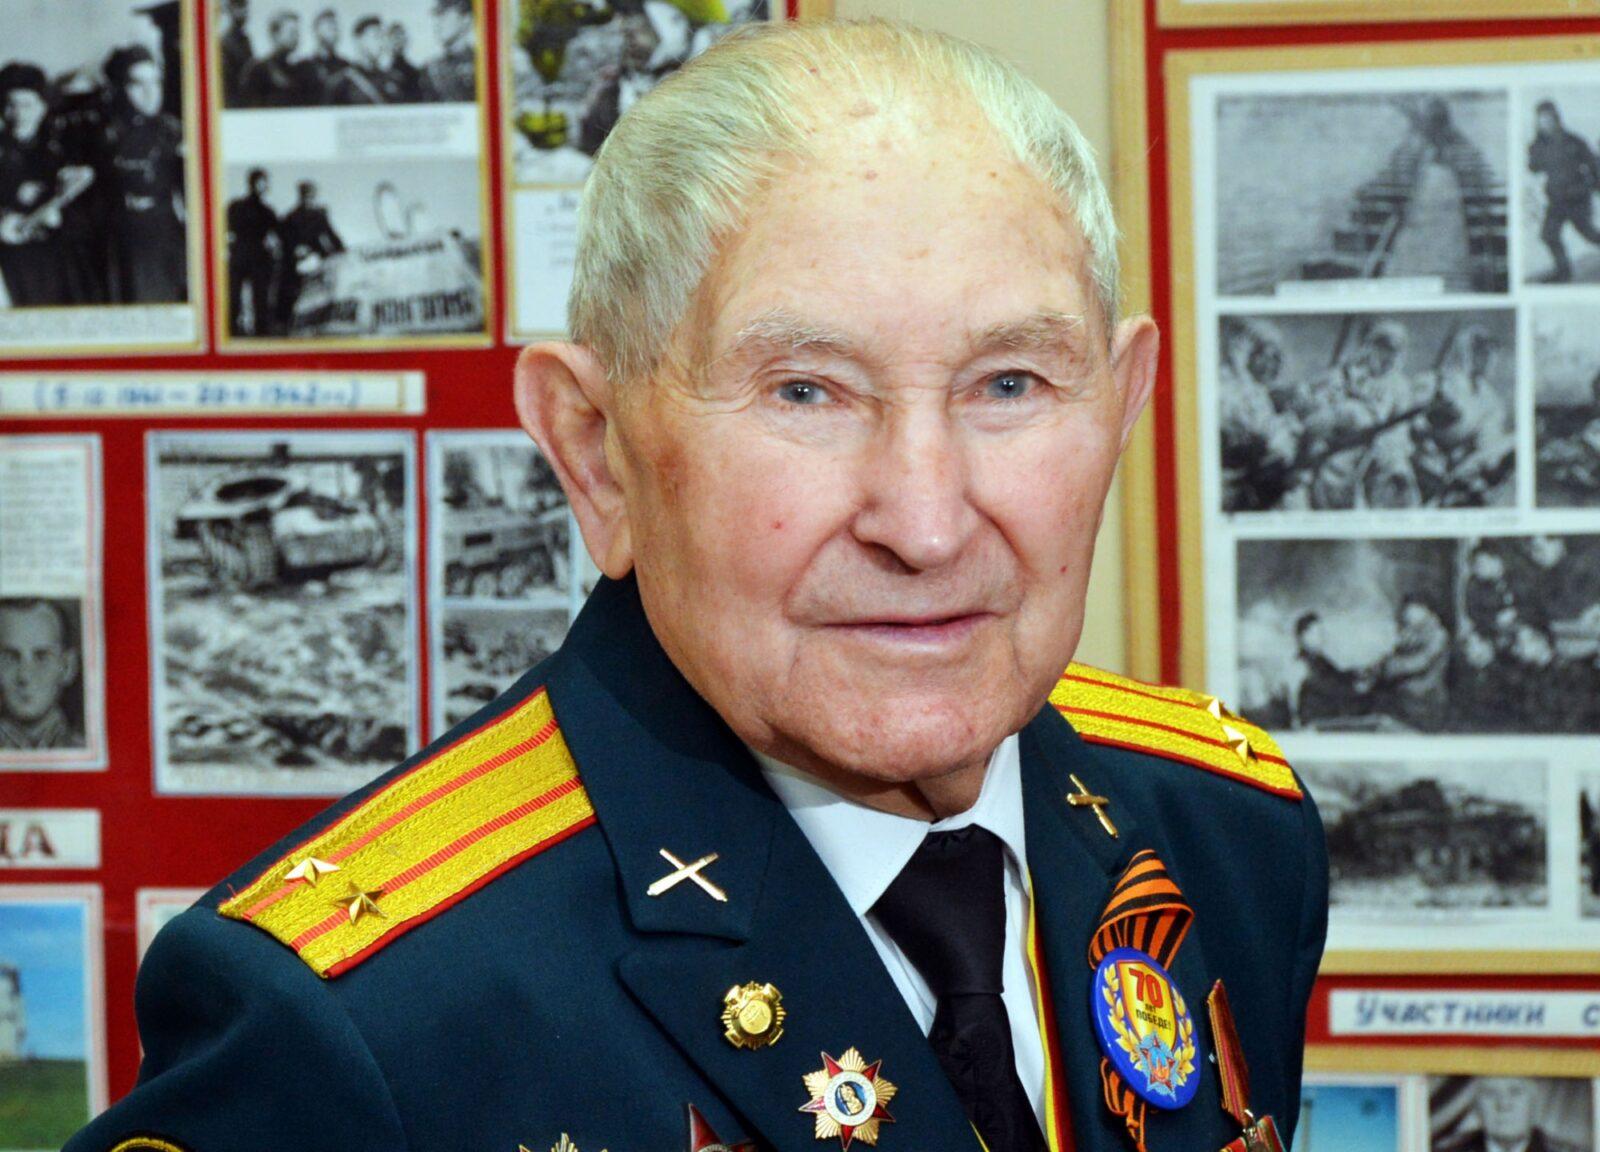 Иван Кладкевич: Мы рады большой поддержке со стороны областной власти